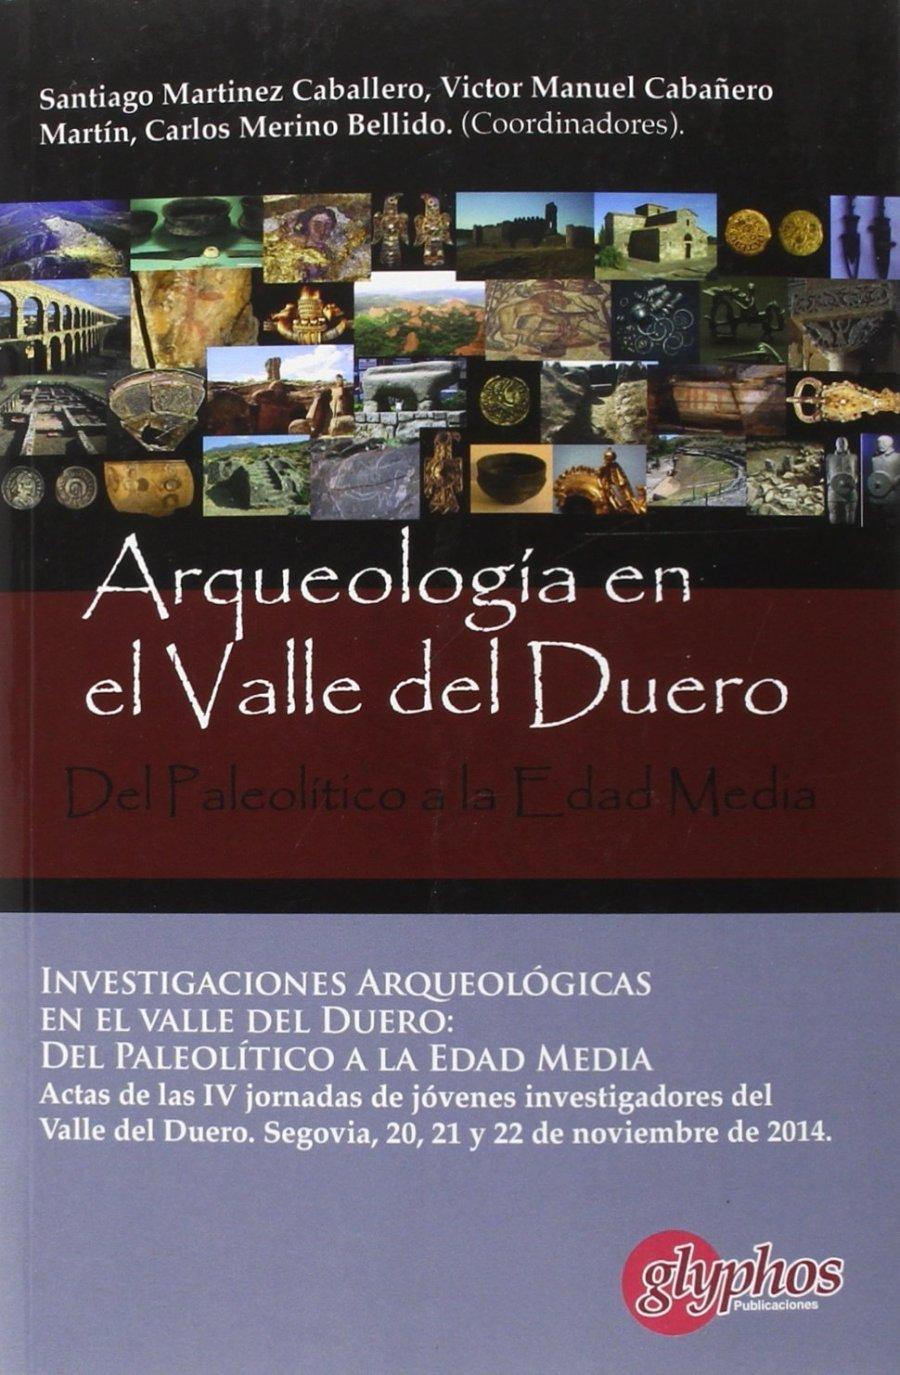 Actas IV Jornadas de Jóvenes Investigadores del valle del Duero - Investigaciones arqueológicas en el valle del Duero: del Paleolítico a la Edad Media. Book Cover